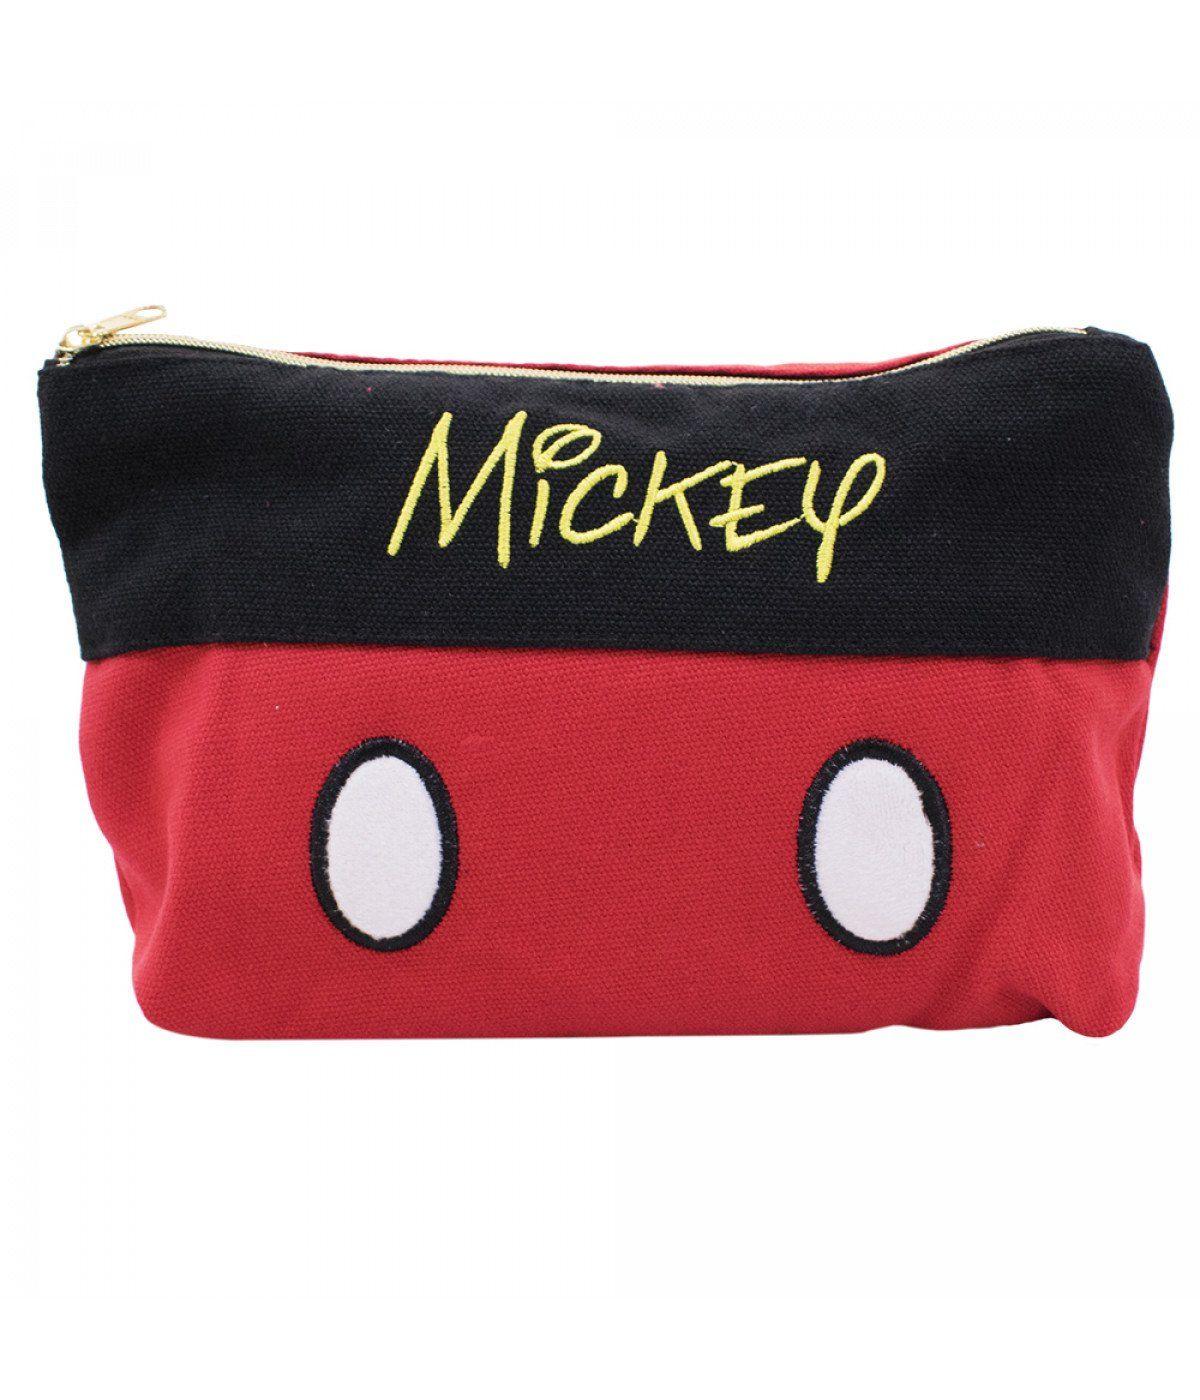 Necessaire Mickey Mouse Preto e Vermelho - Disney